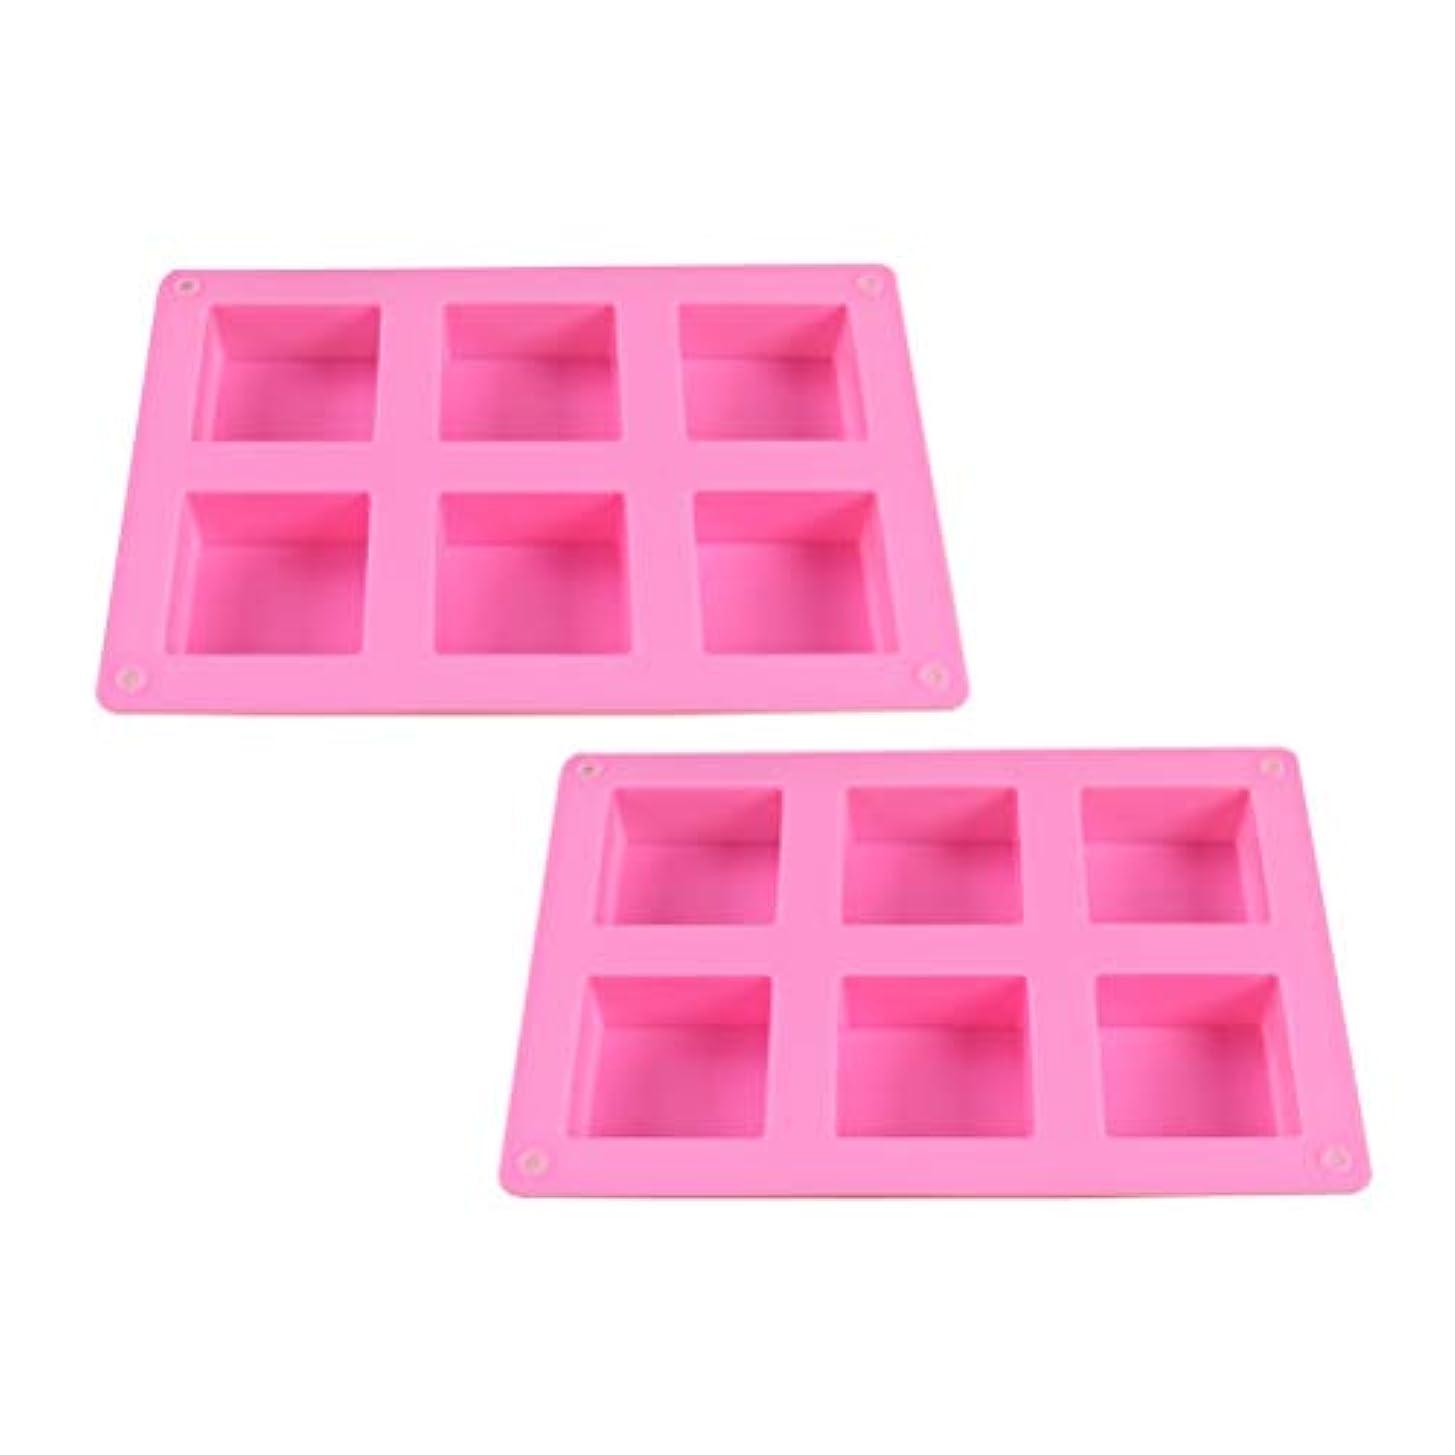 延期する国うねるHEALIFTY DIYのケーキのベーキング型のための6つのキャビティシリコーンの石鹸型との石鹸作りのための2PCS石鹸型